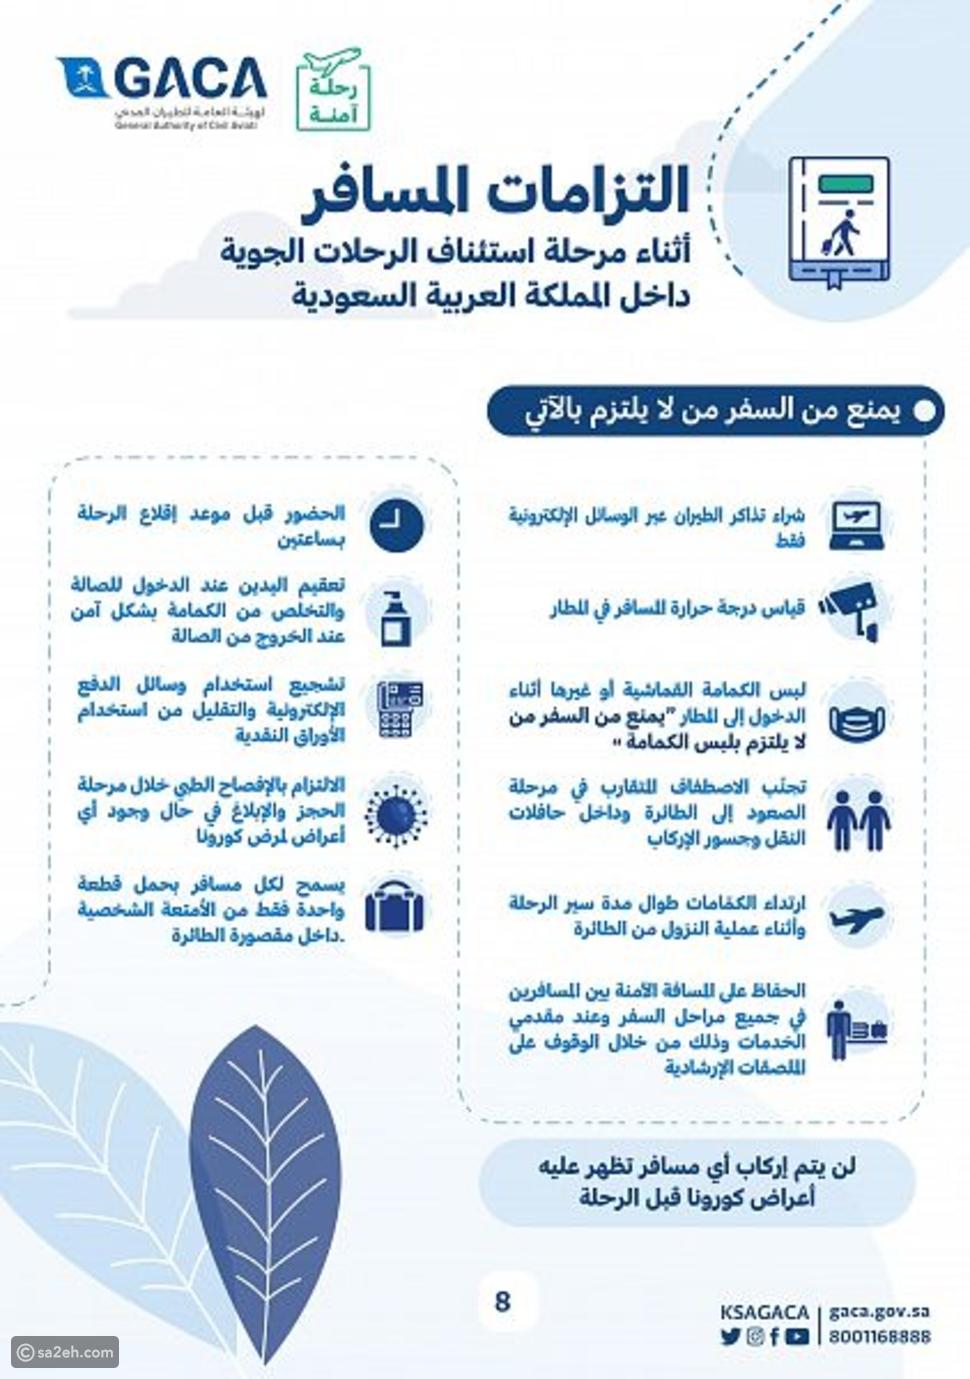 منع السفر بدون كمامة والإفصاح الصحي: دليل إرشادي للمسافرين في السعودية